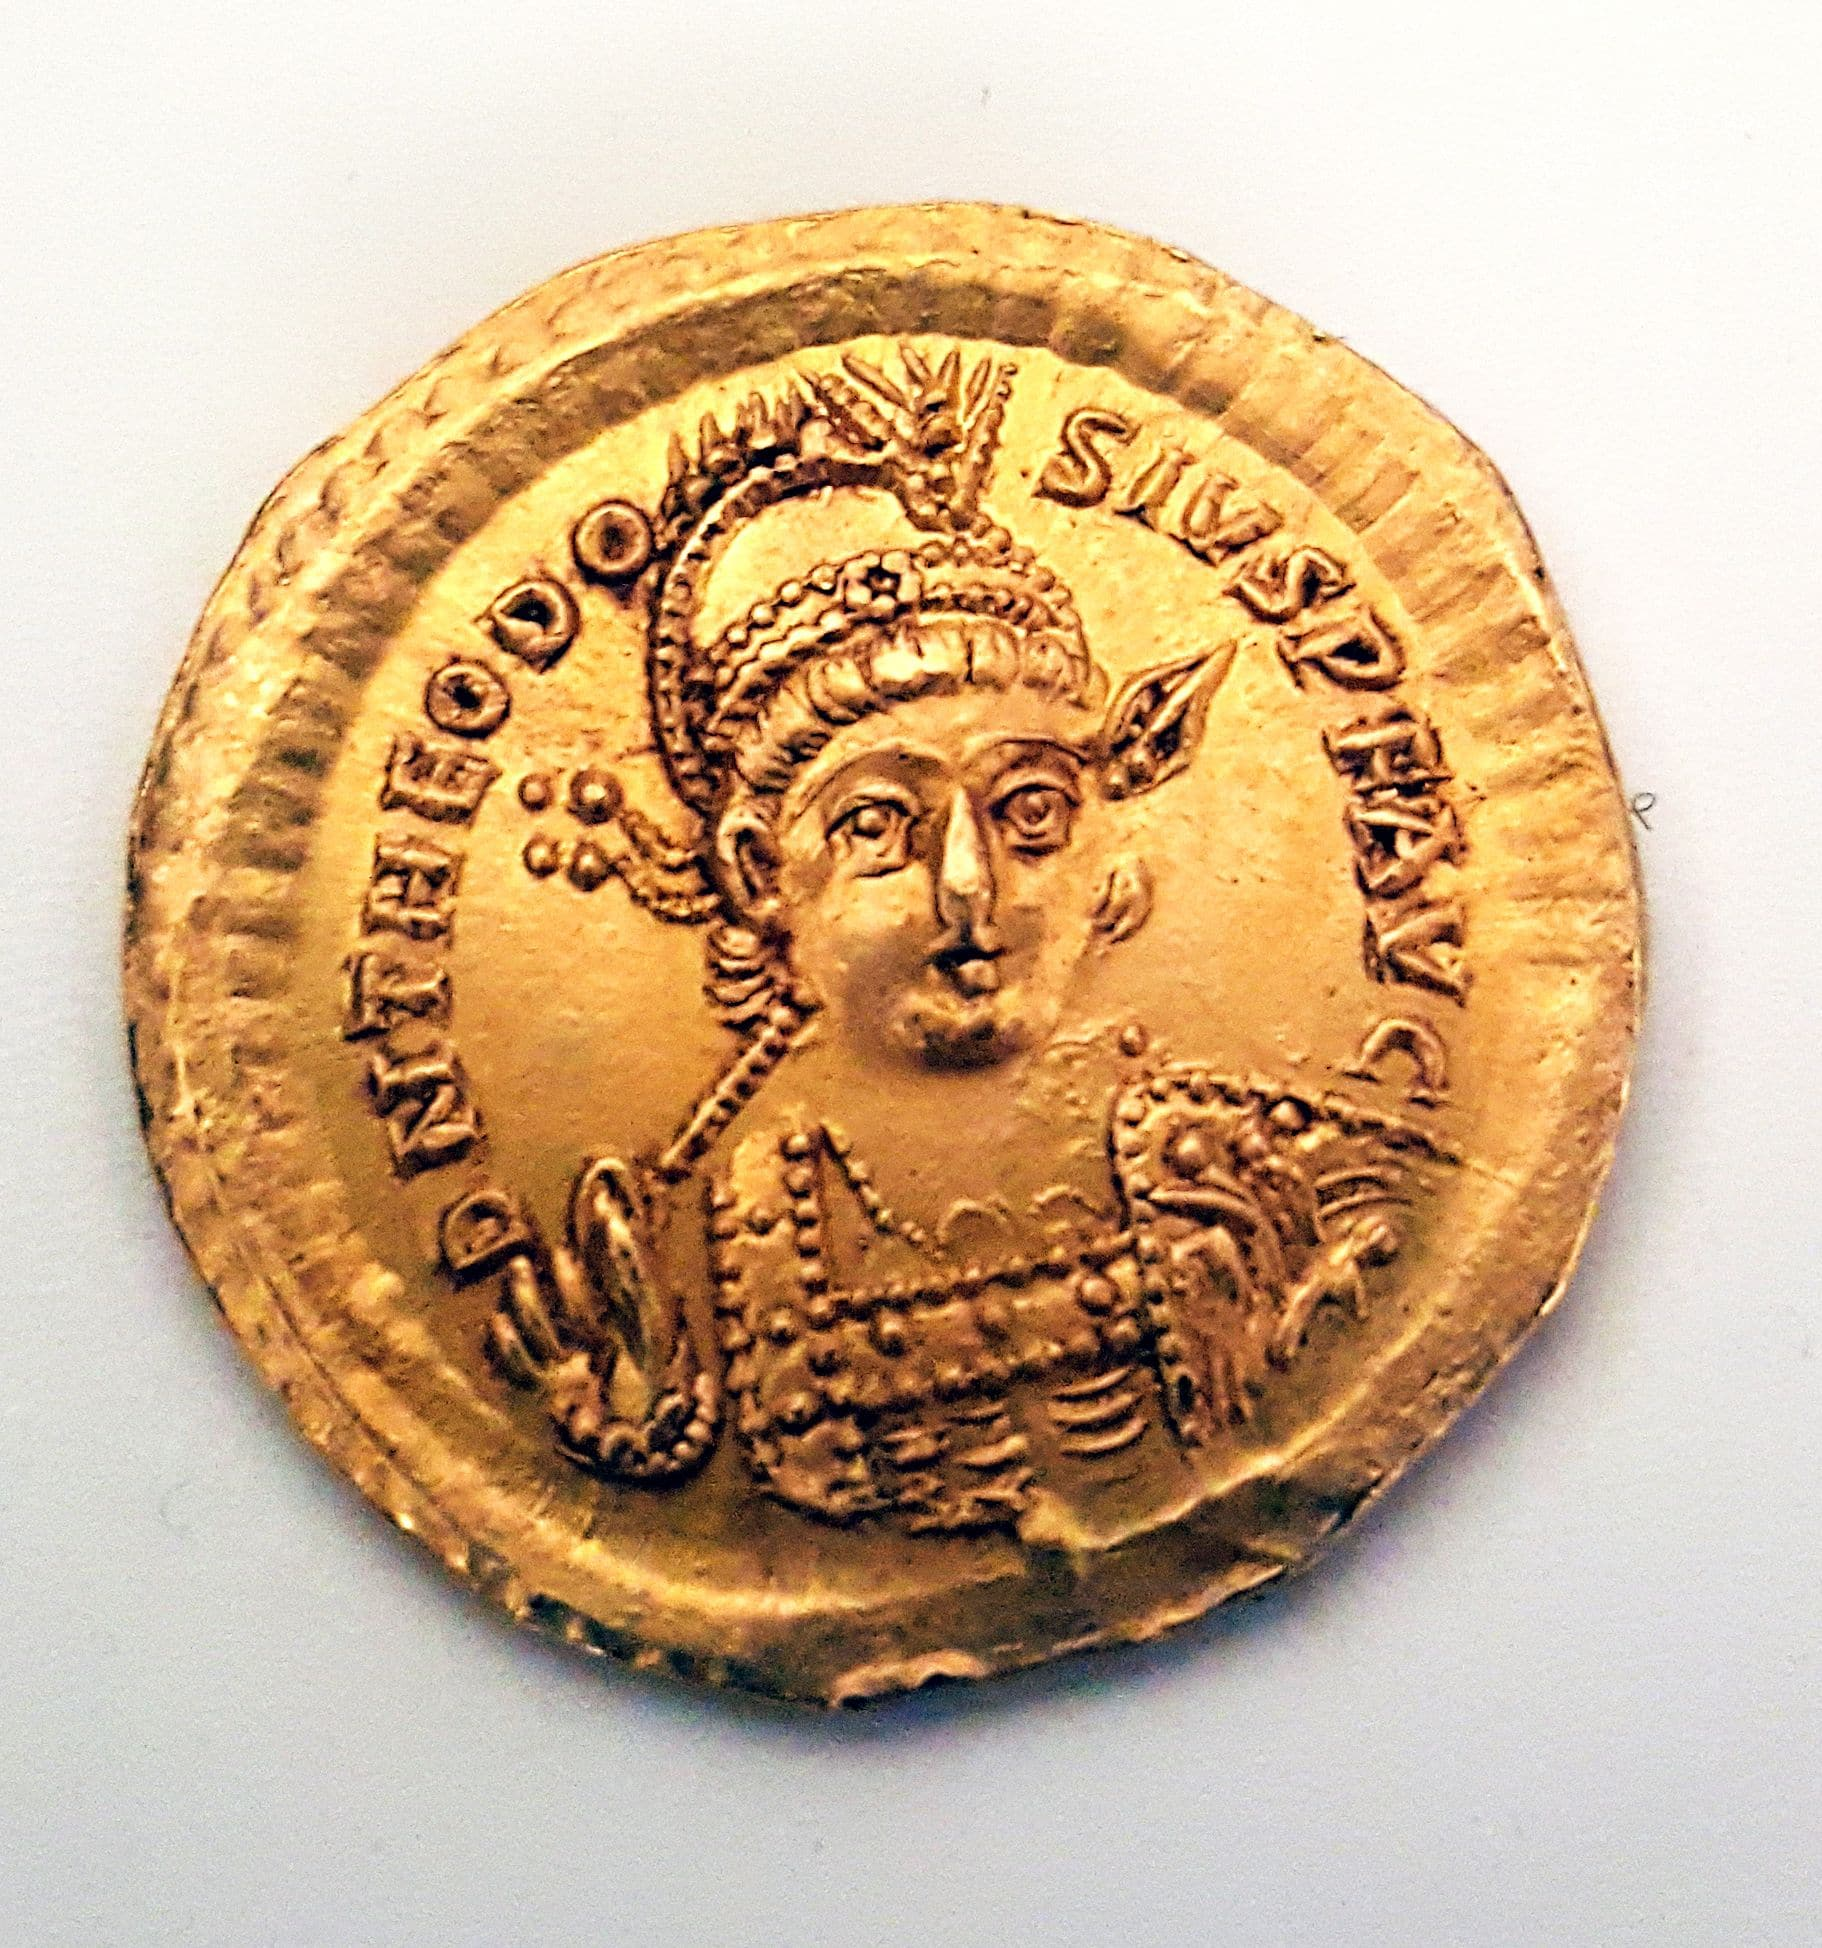 דיוקן תאודוסיוס השני